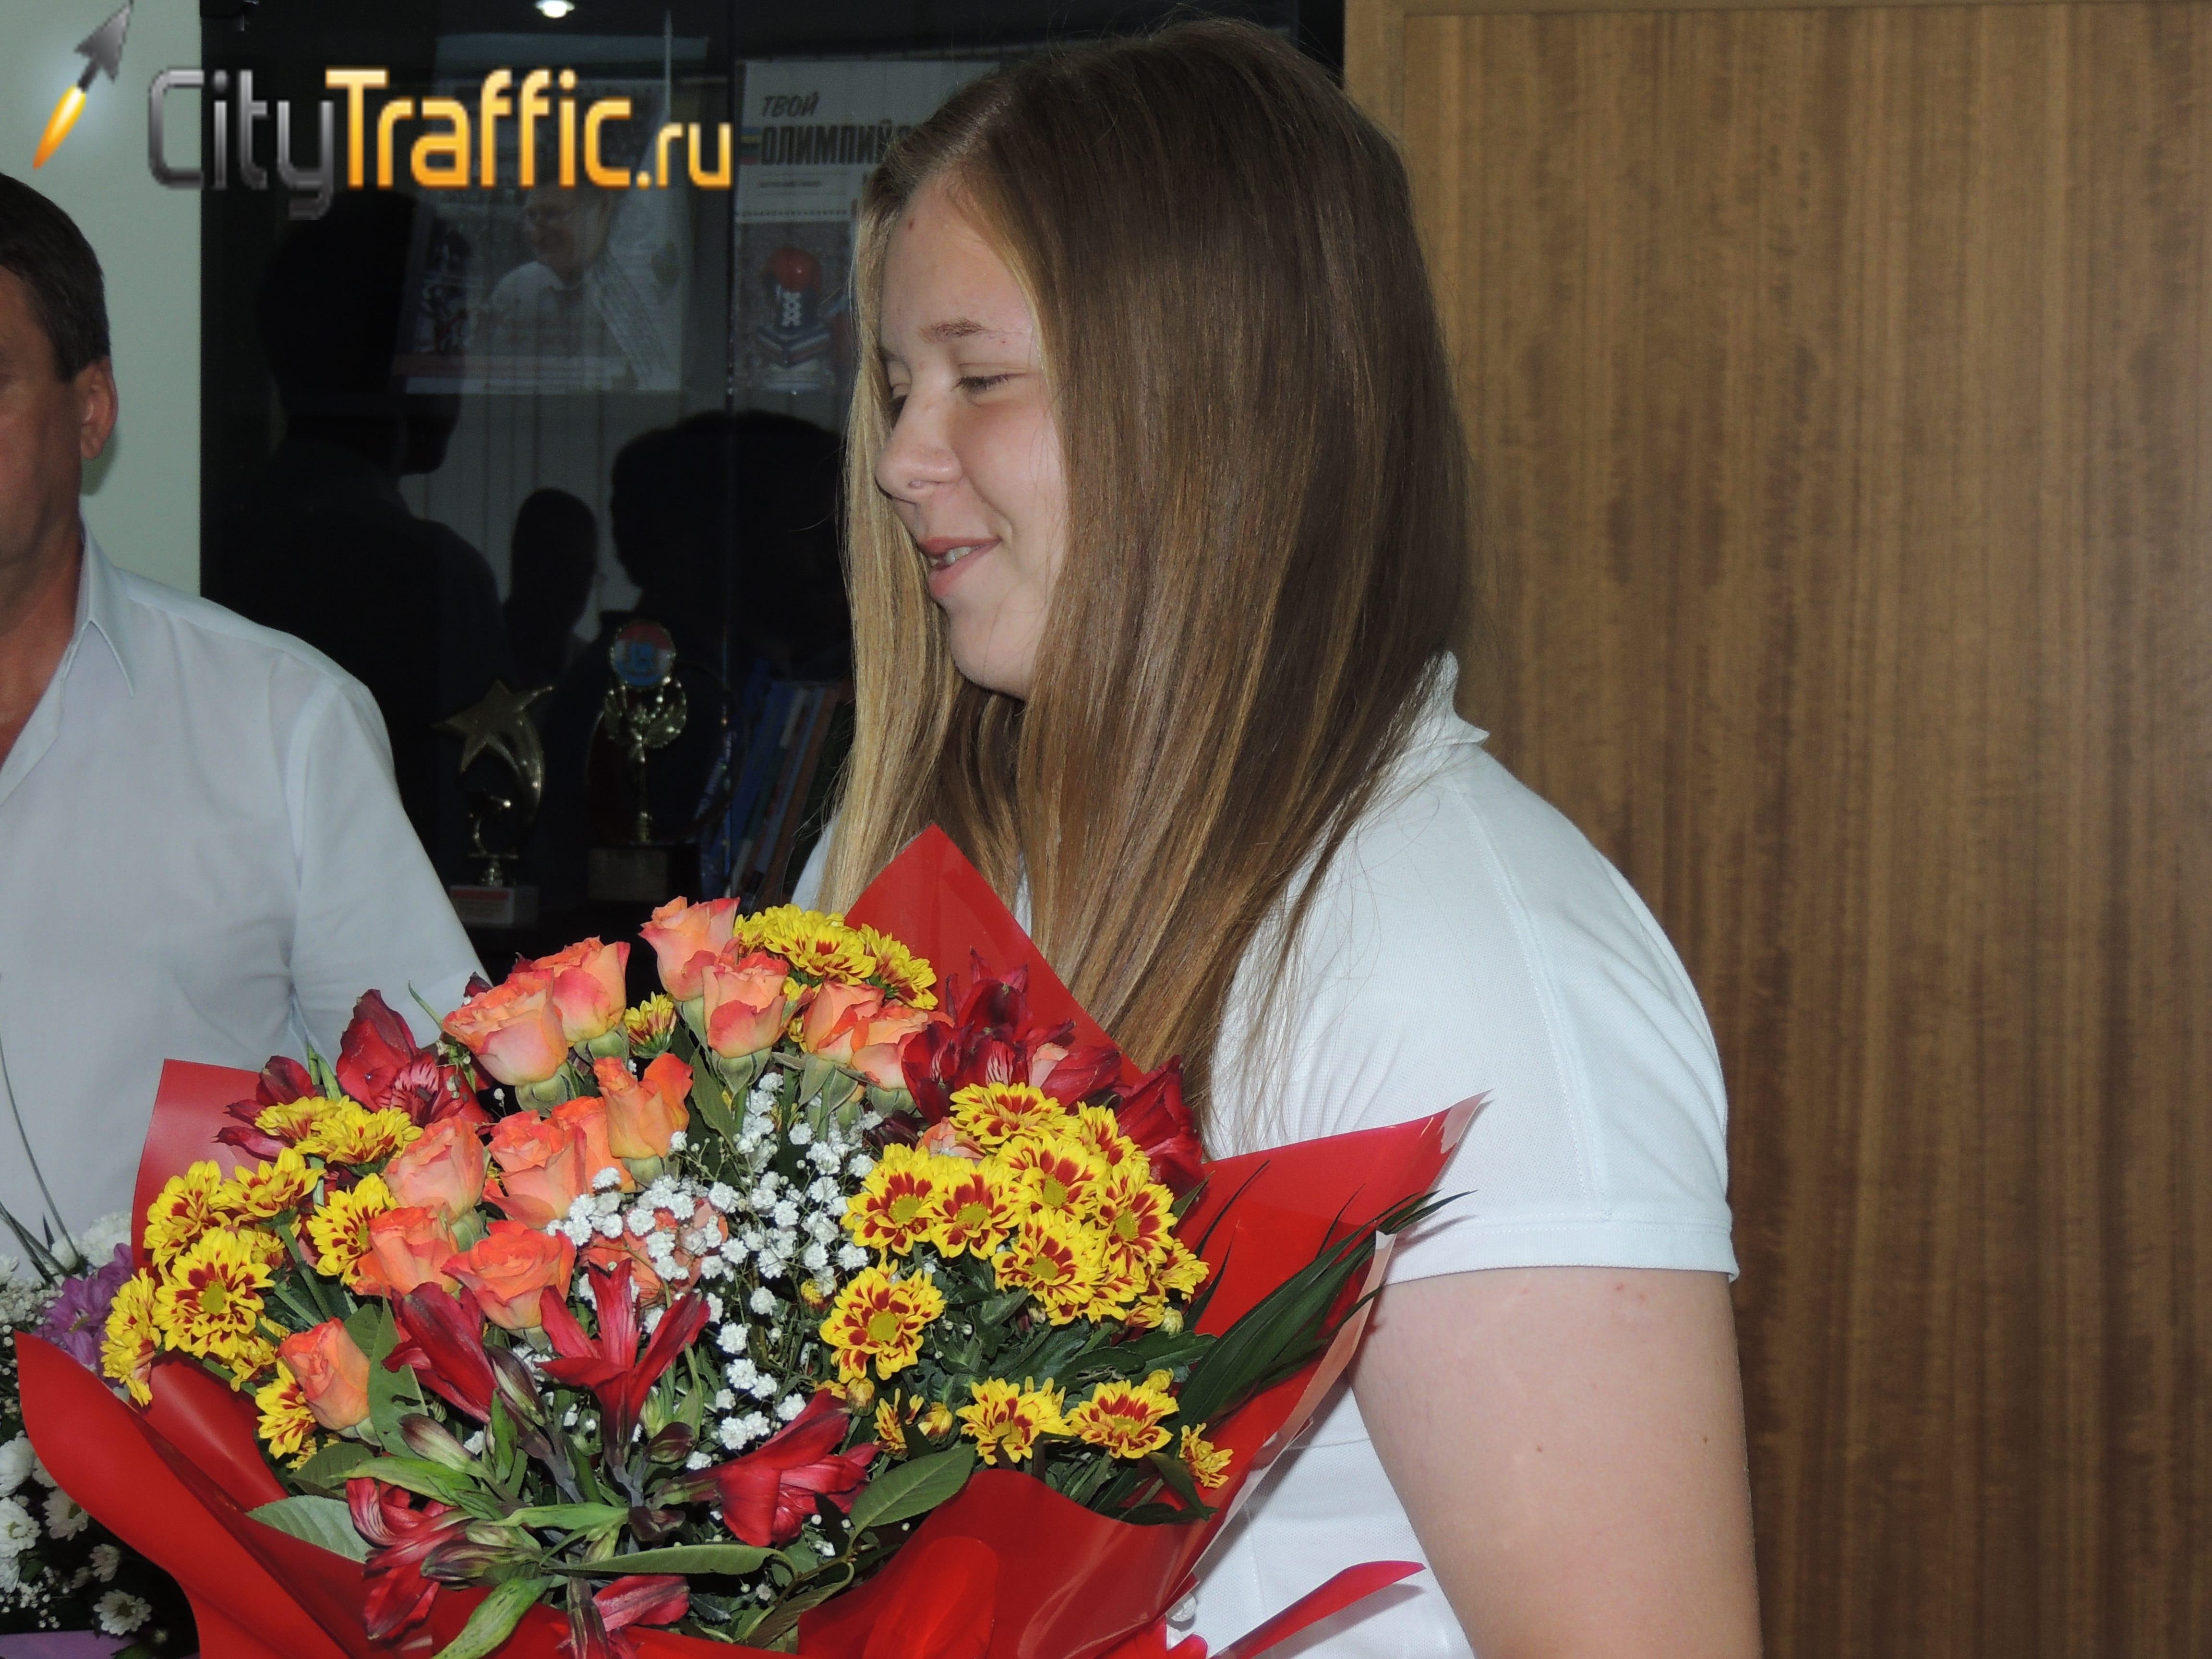 Чемпионка мира тольяттинка Софья Палкина вернулась из Колумбии стриумфом иответила на вопросы